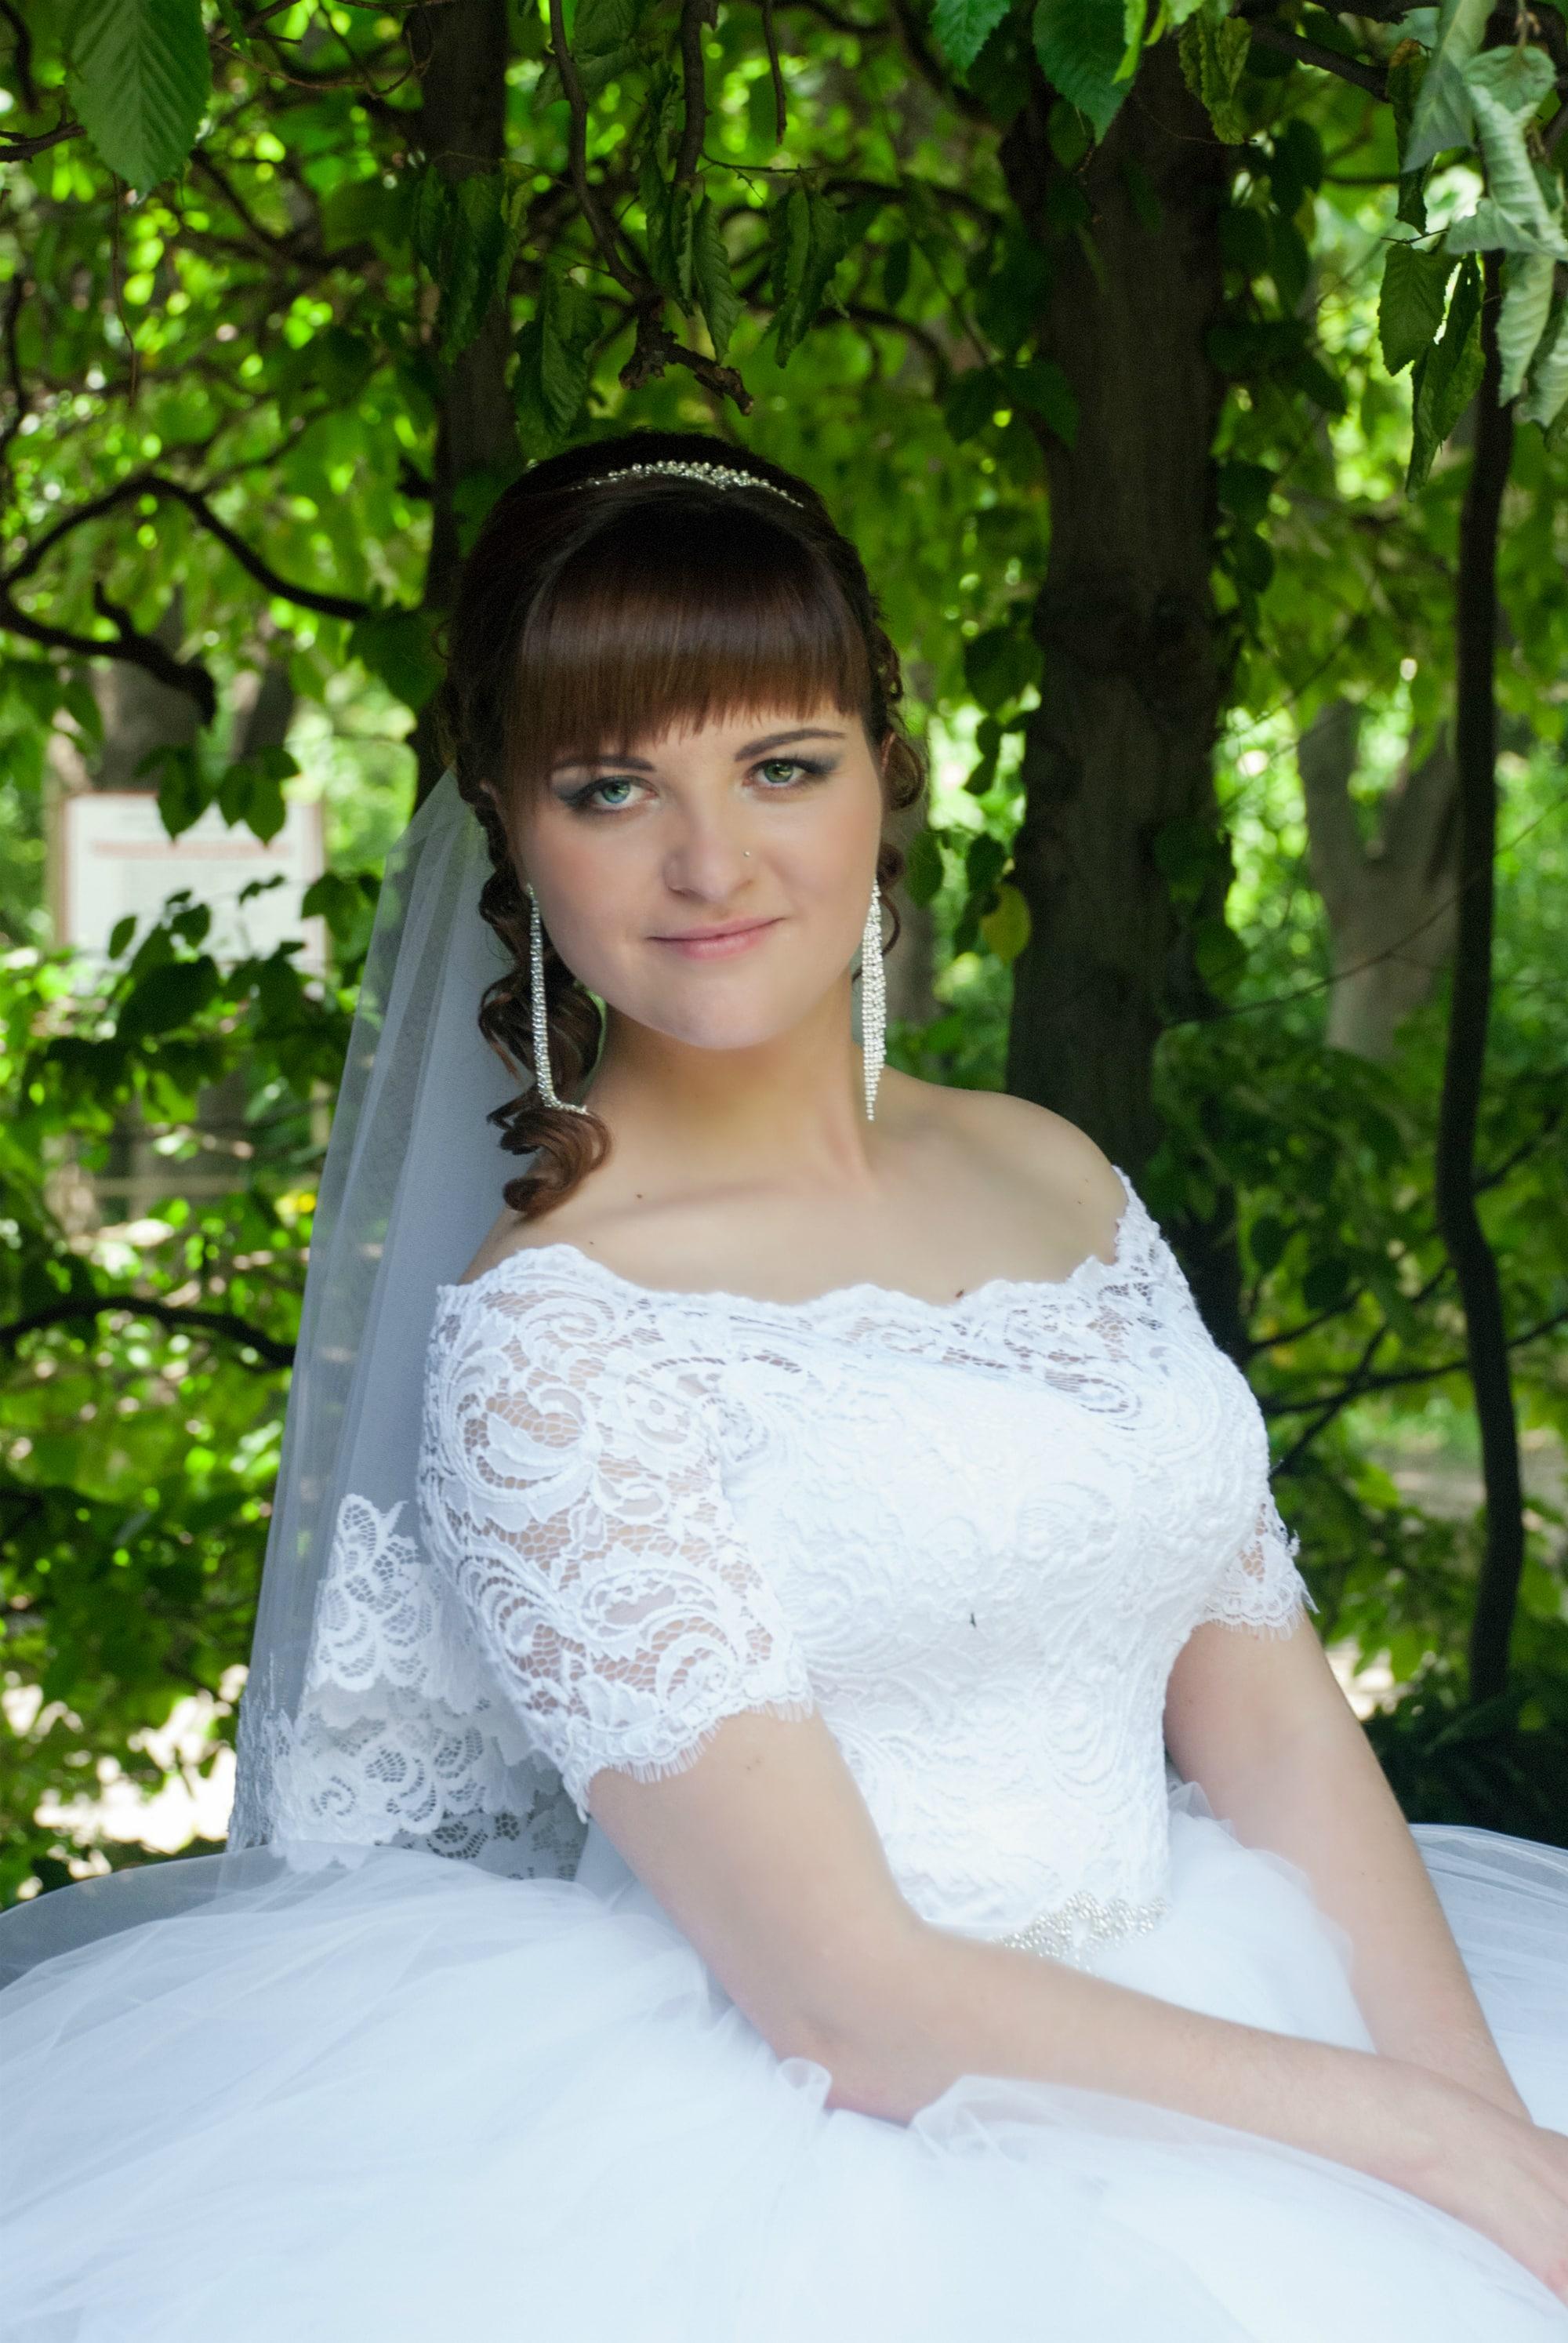 Фотосет с невестой - Фотограф Киев - Женя Лайт